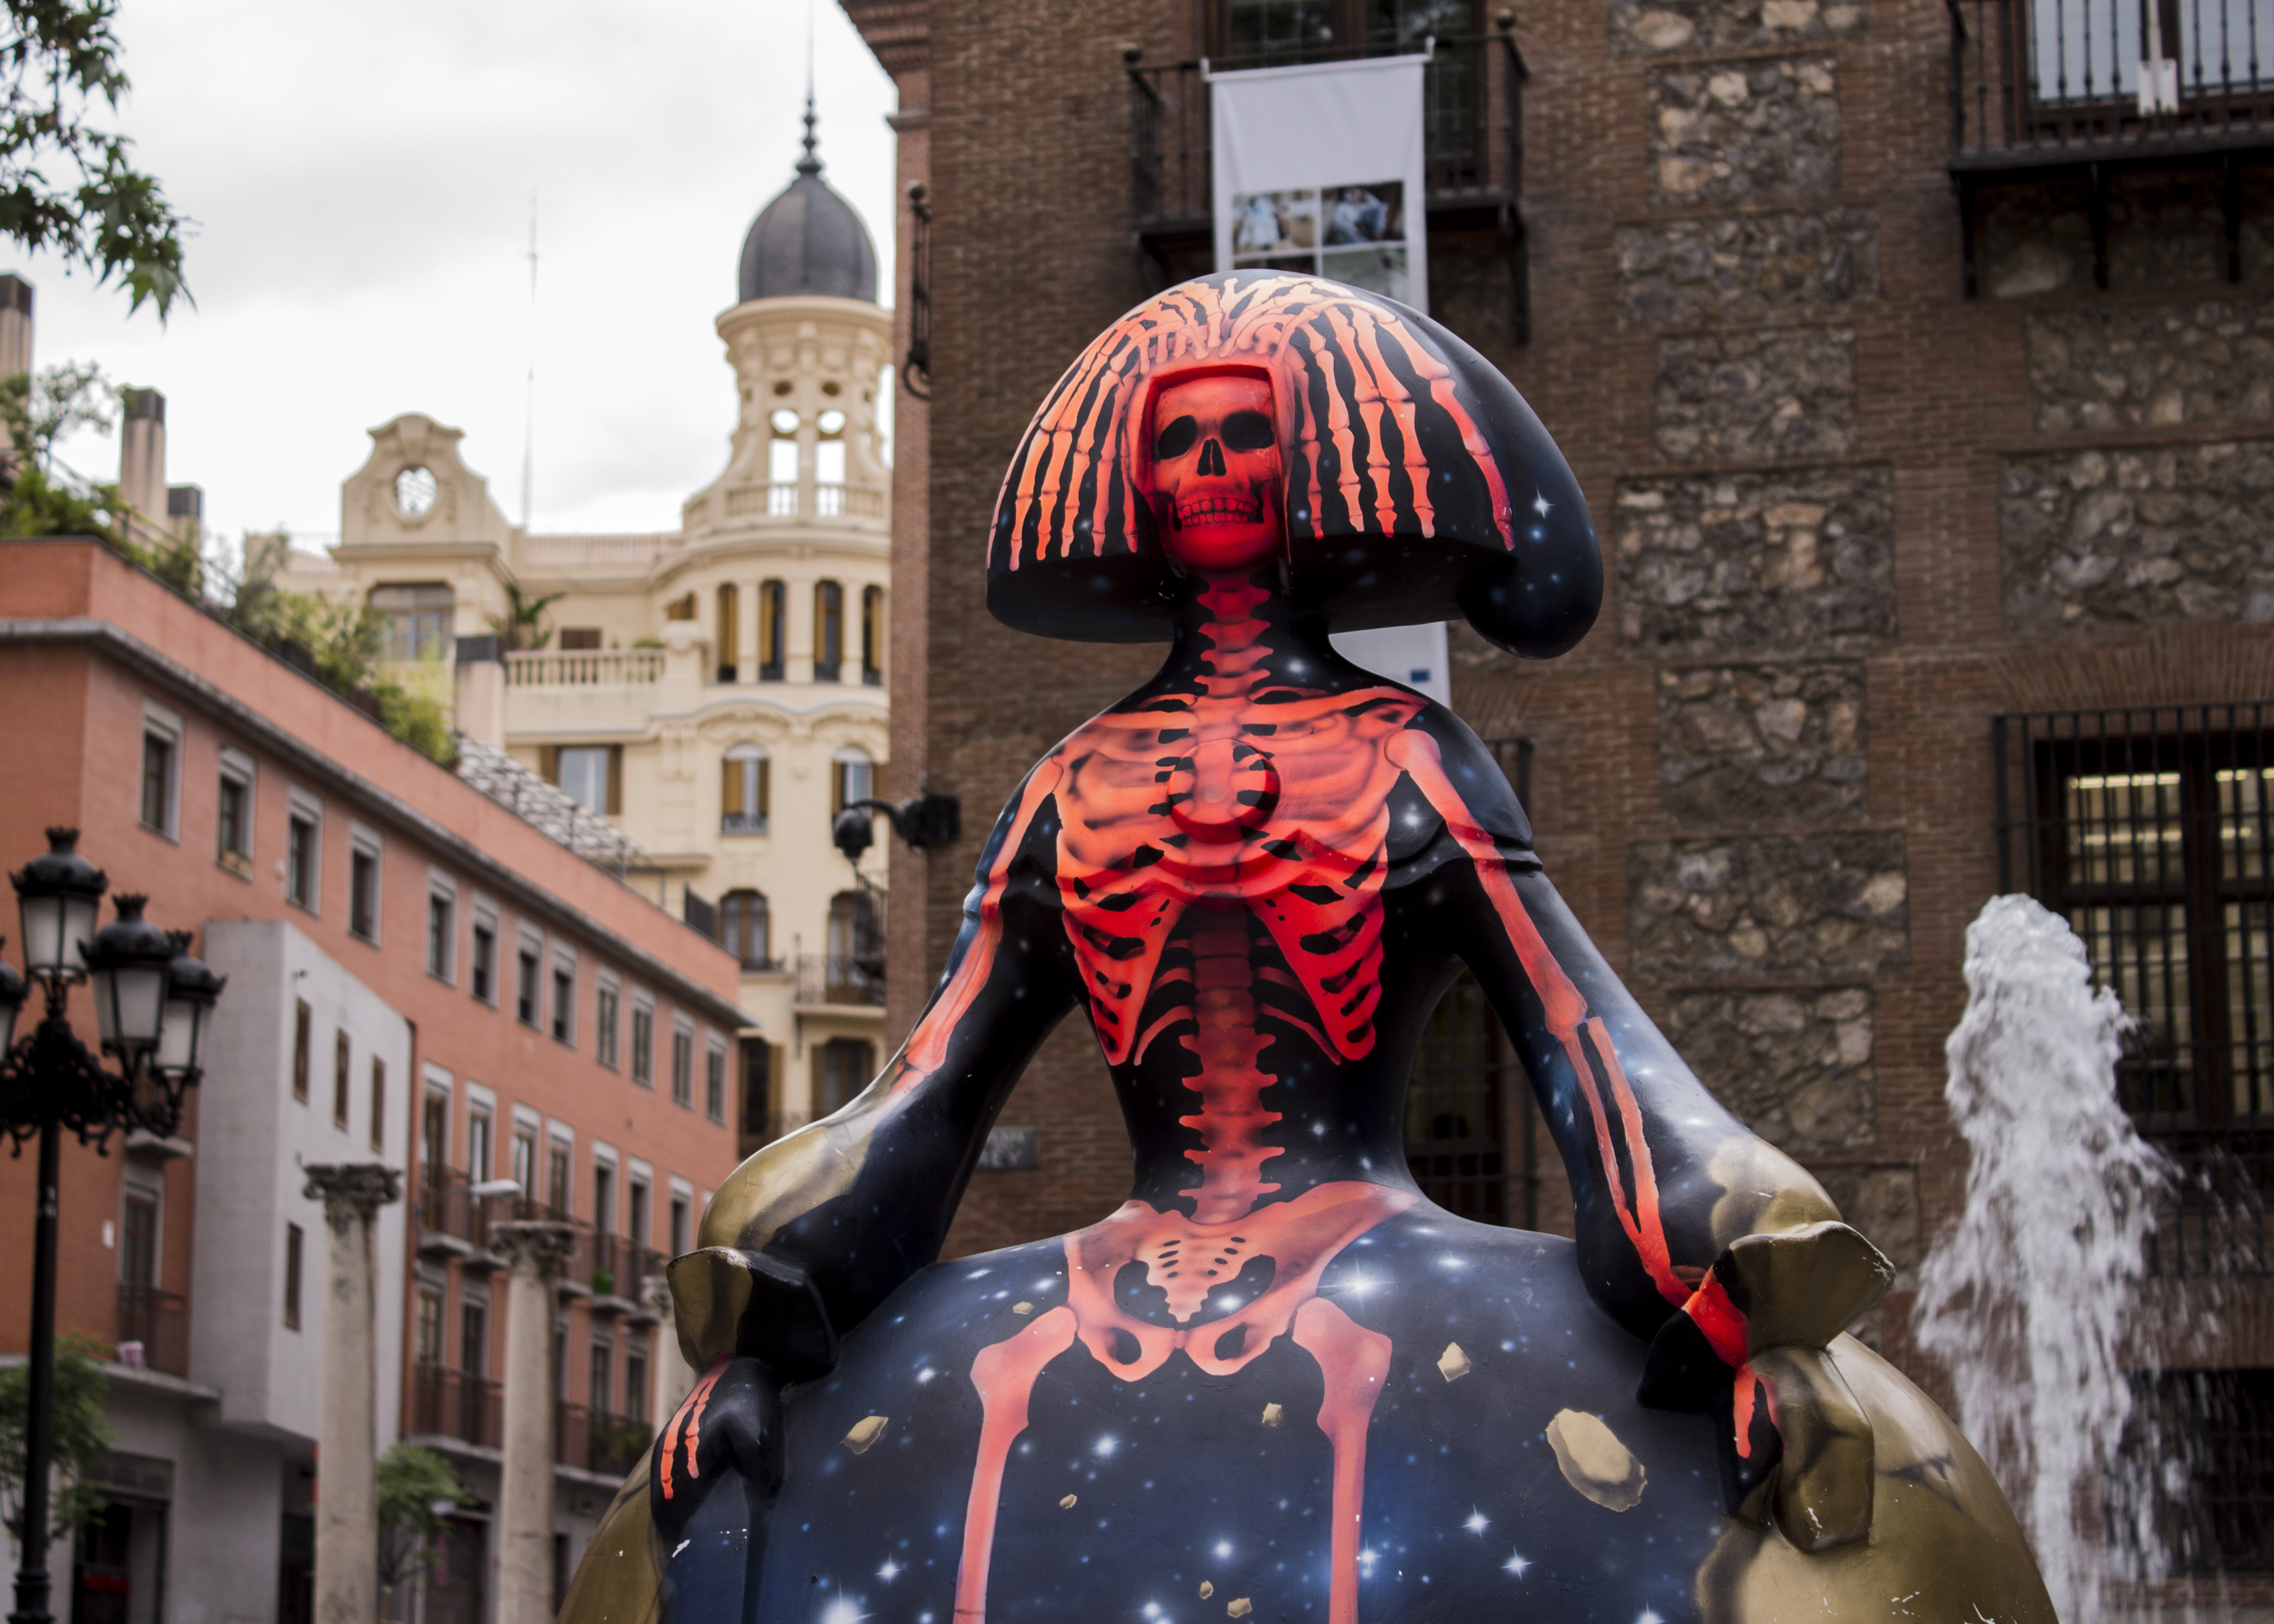 Meninas Madrid Gallery, el descubrimiento de un nuevo arte (I)